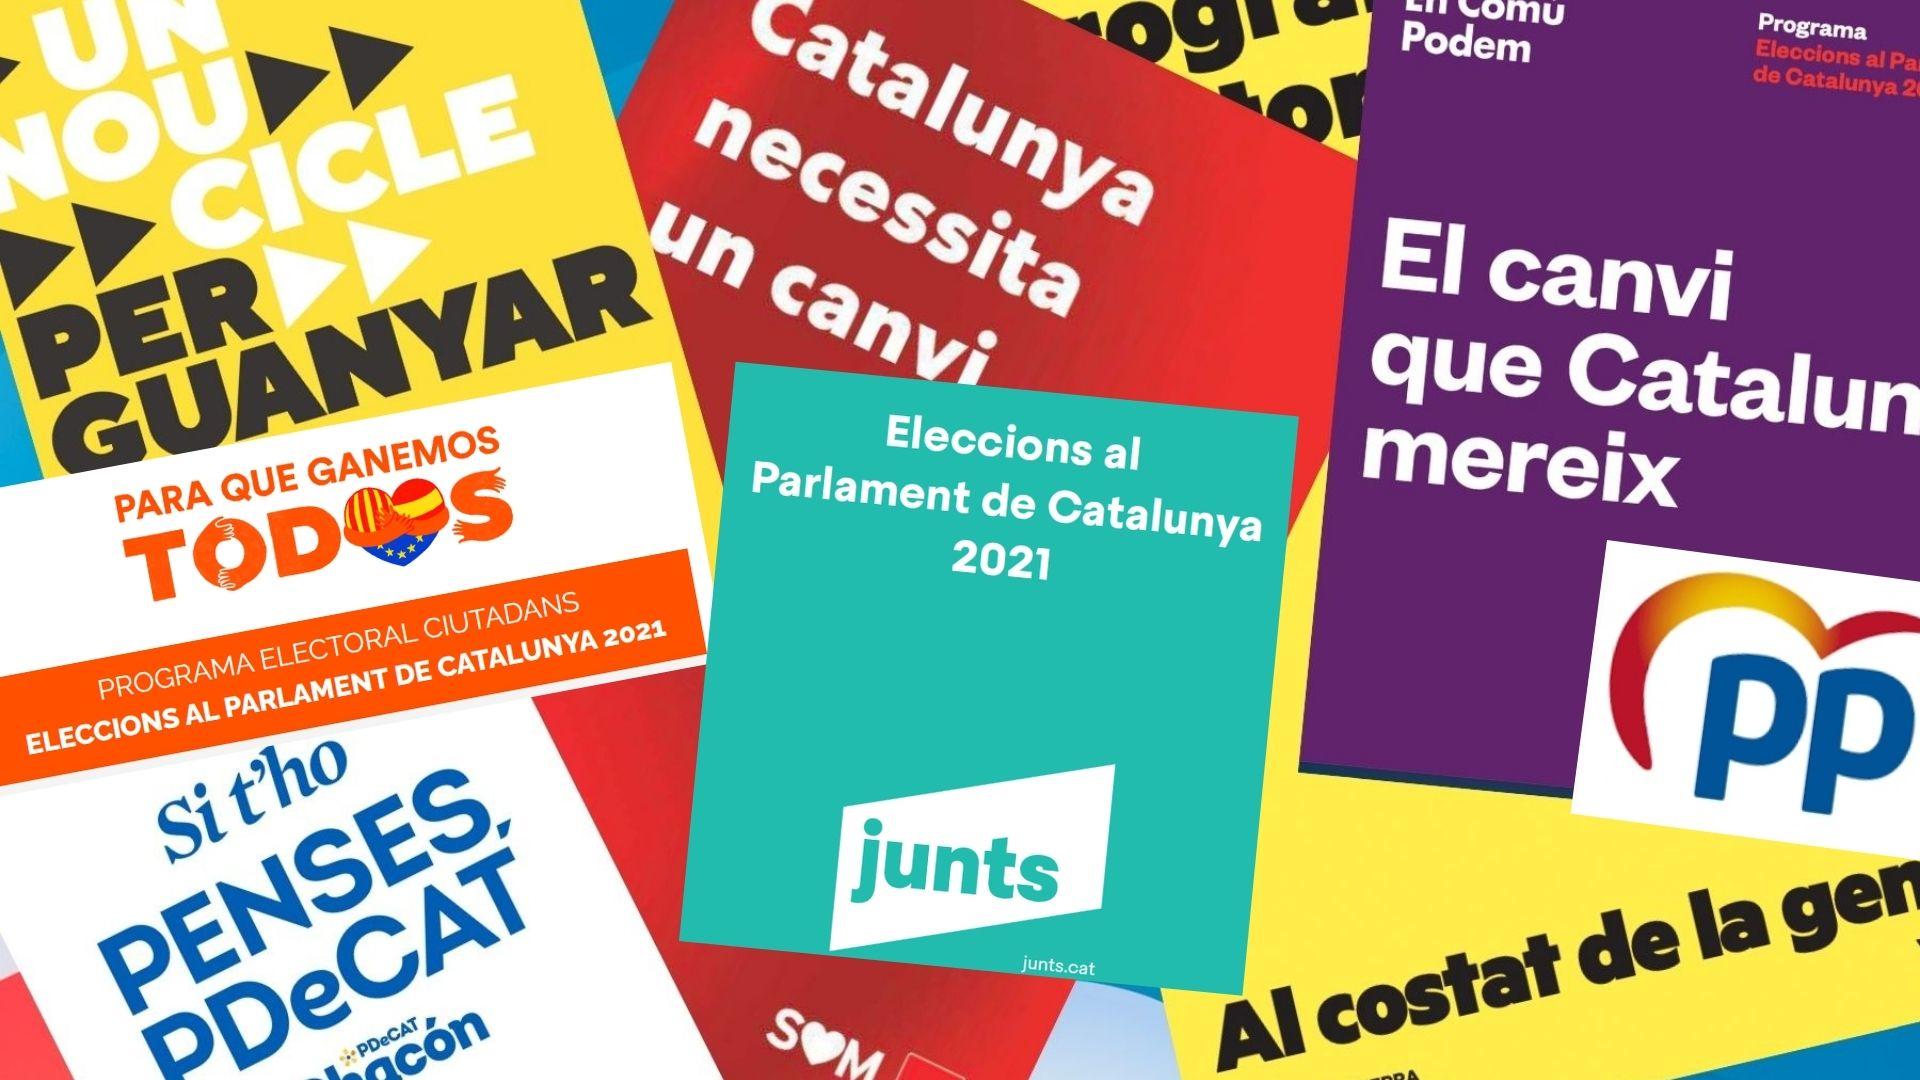 programes electorals 2021 a Catalunya en pdf